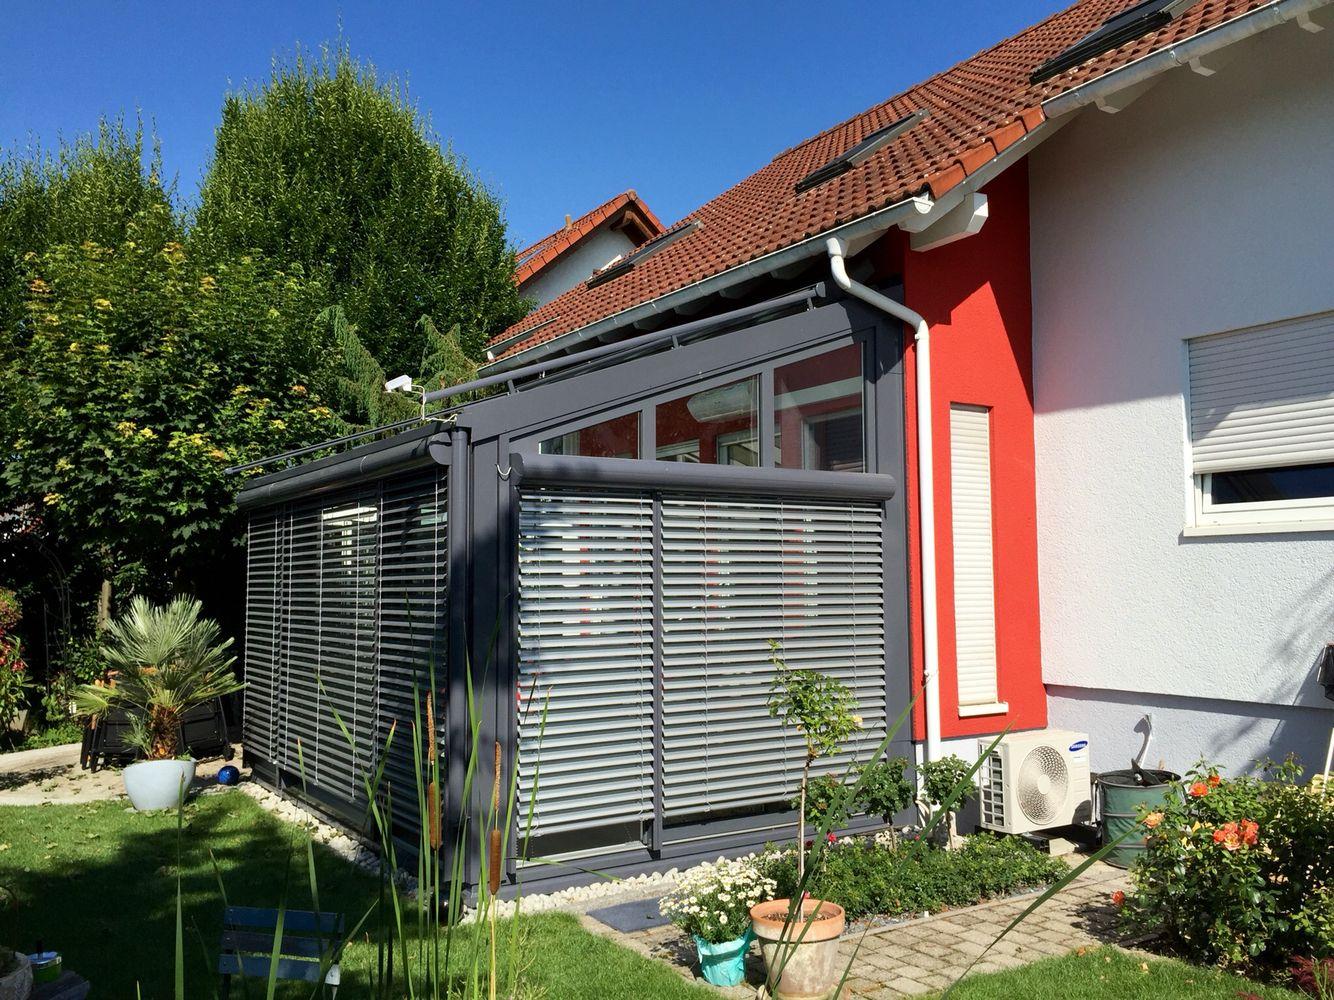 wintergarten stuttgart, wohnwintergarten #wintergarten, glasoase, heilbronn wintergarten, Design ideen